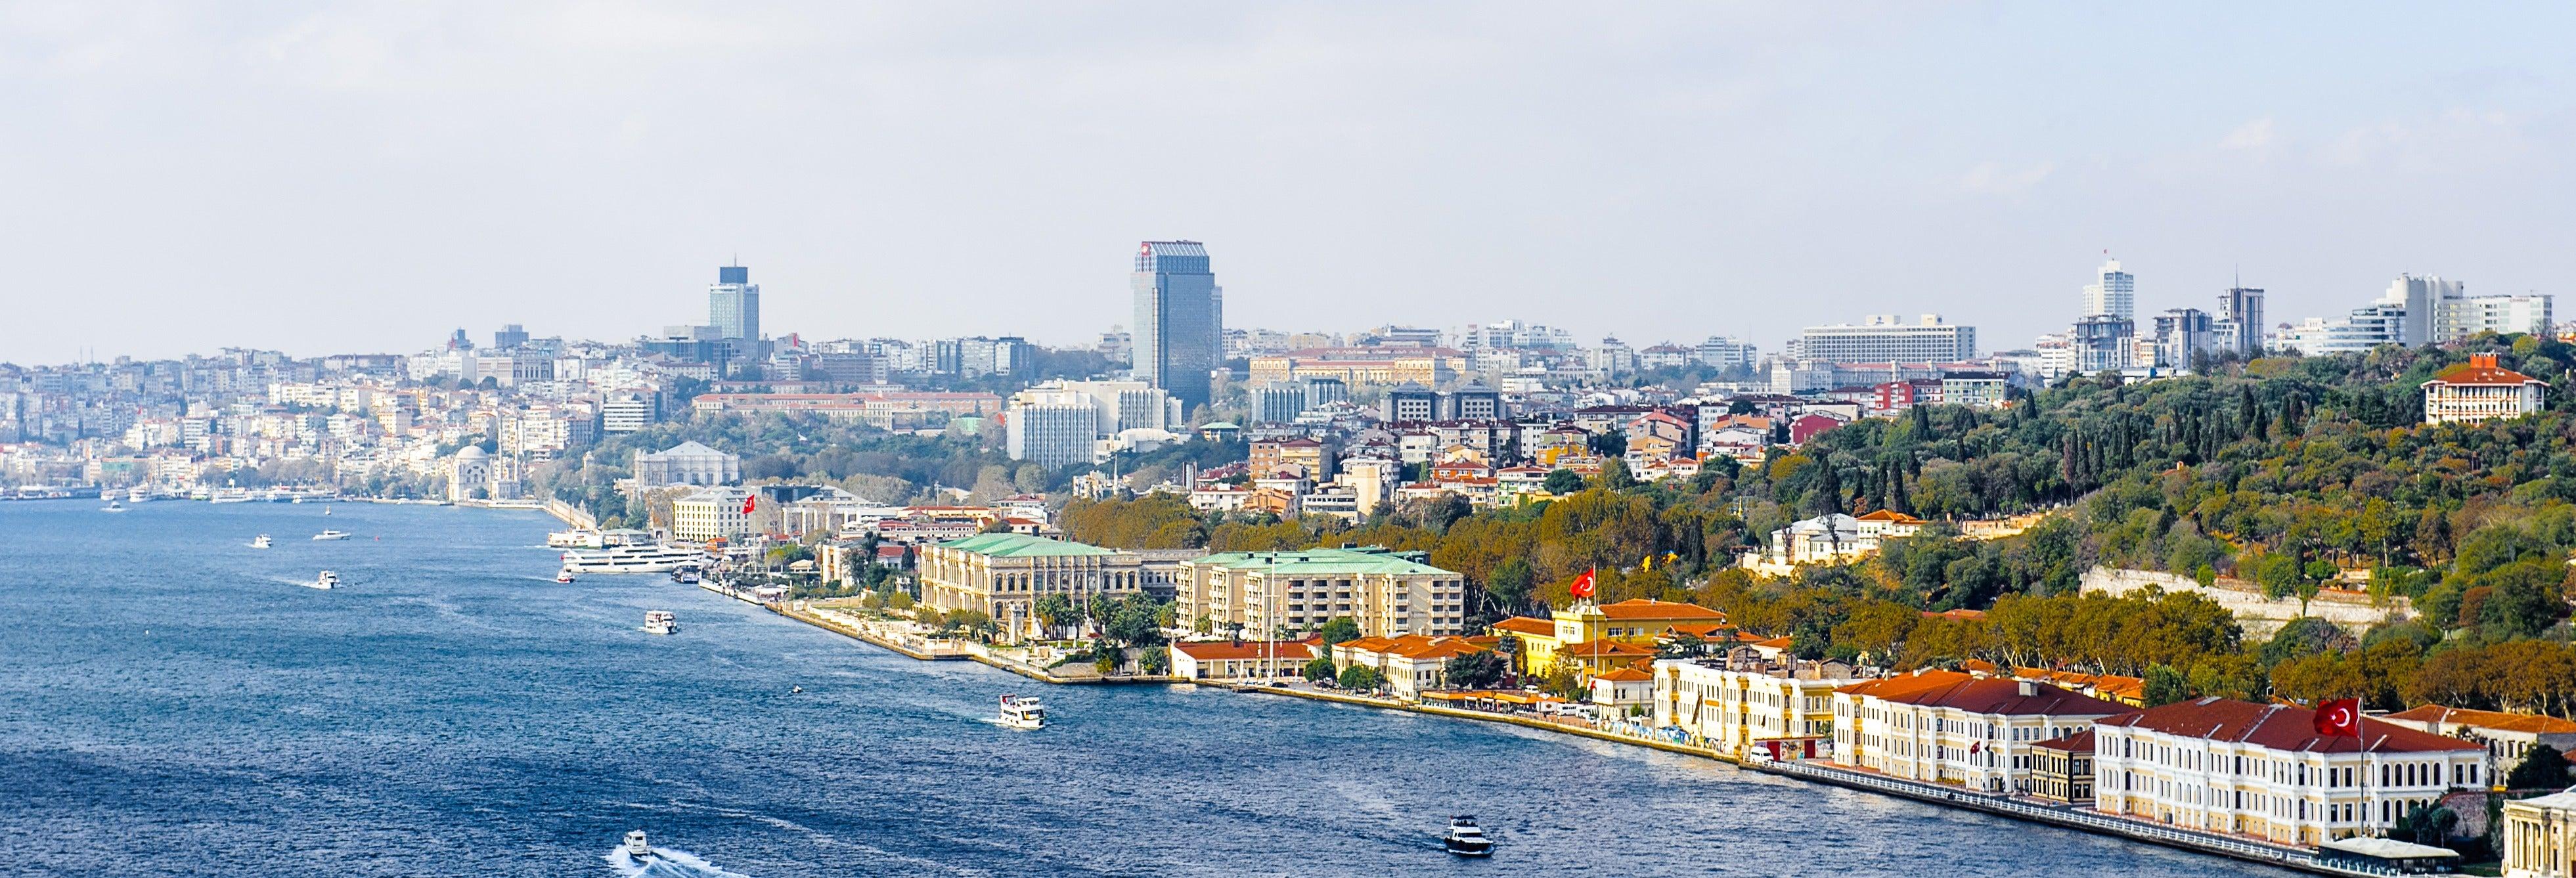 Istanbul Bosphorus Boat Cruise